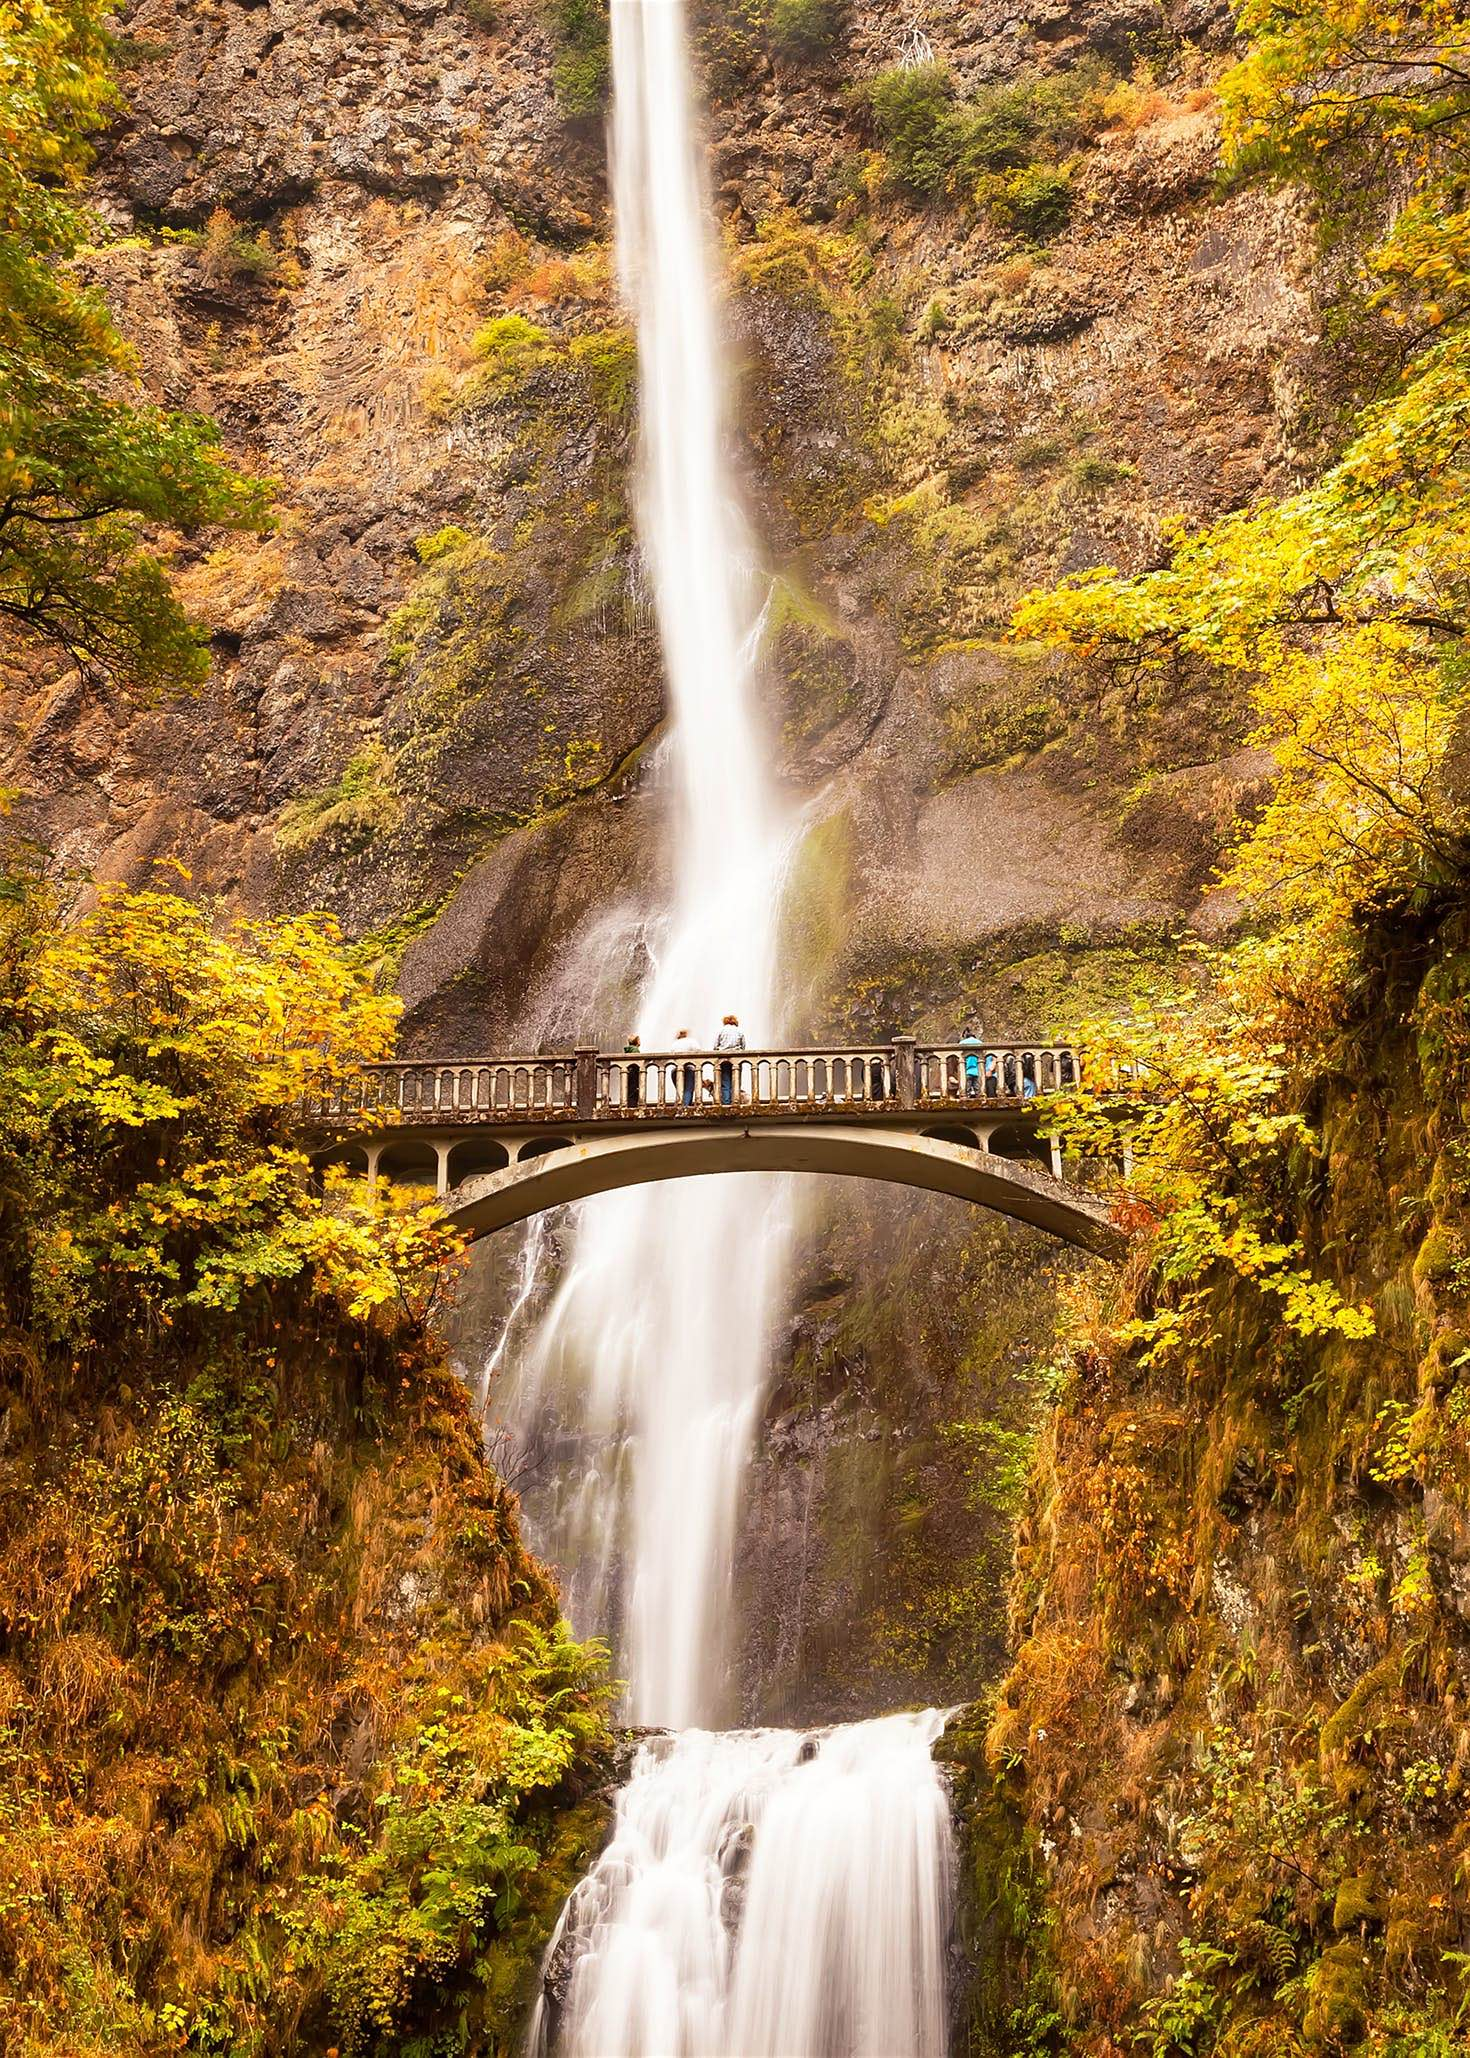 El plus de Columbia River Gorge está en sus ríos y cascadas que acompañado de los colores otoñales son dignos de una postal.